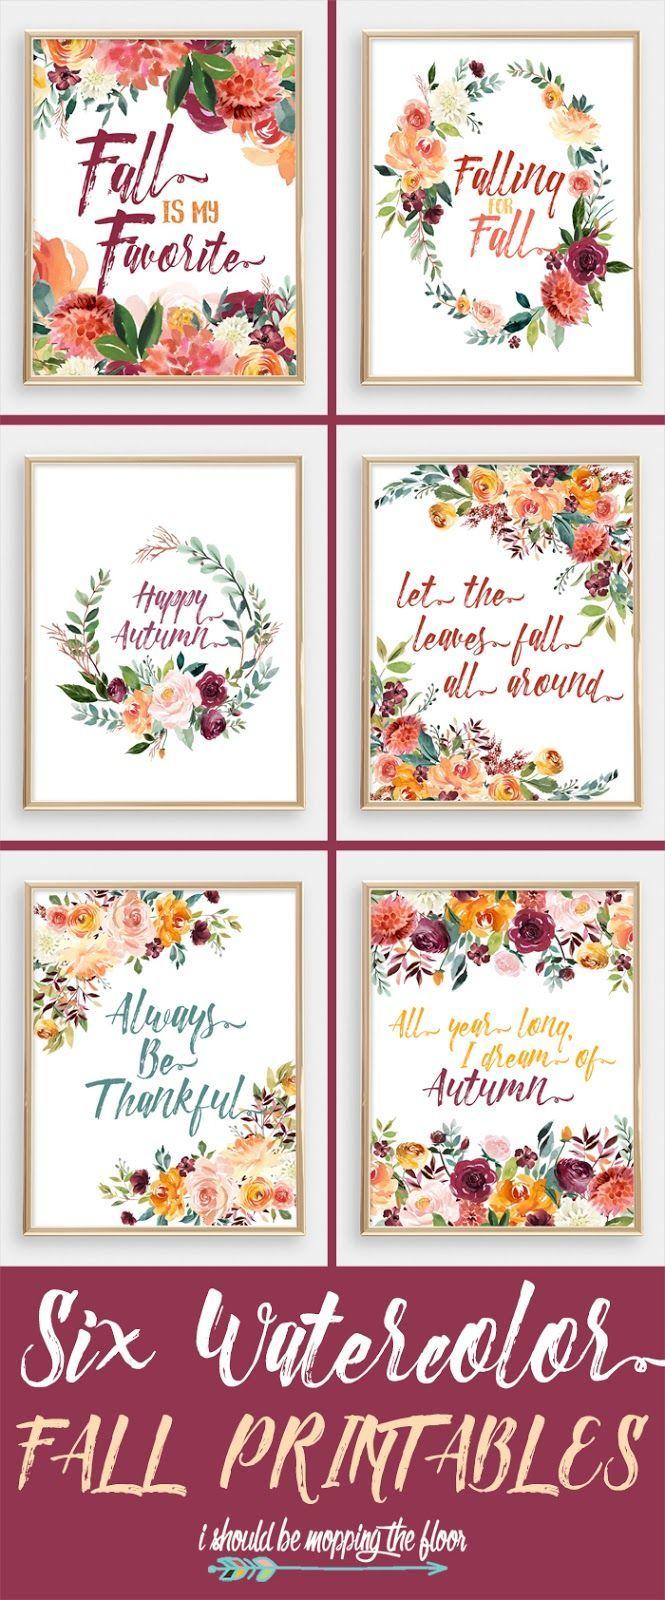 Six Watercolor Fall Printables | Imprimibles, Acuarela y Otoño